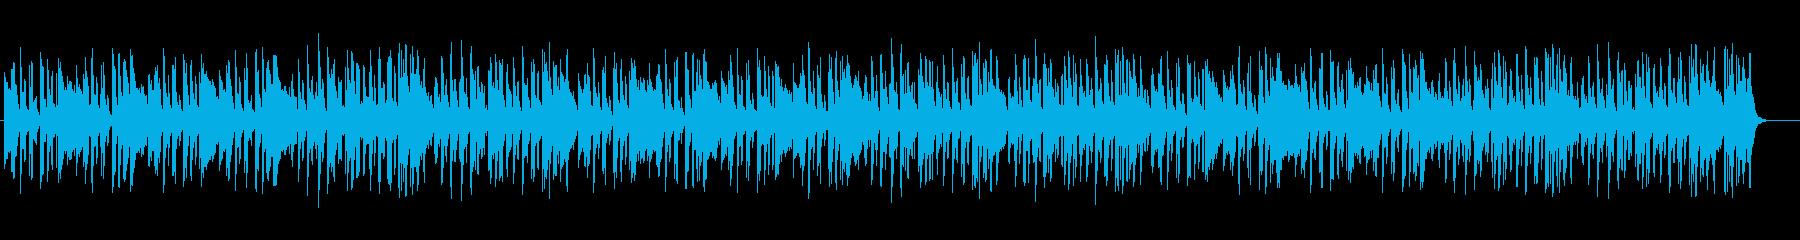 スローテンポな、ストリングスポップスの再生済みの波形